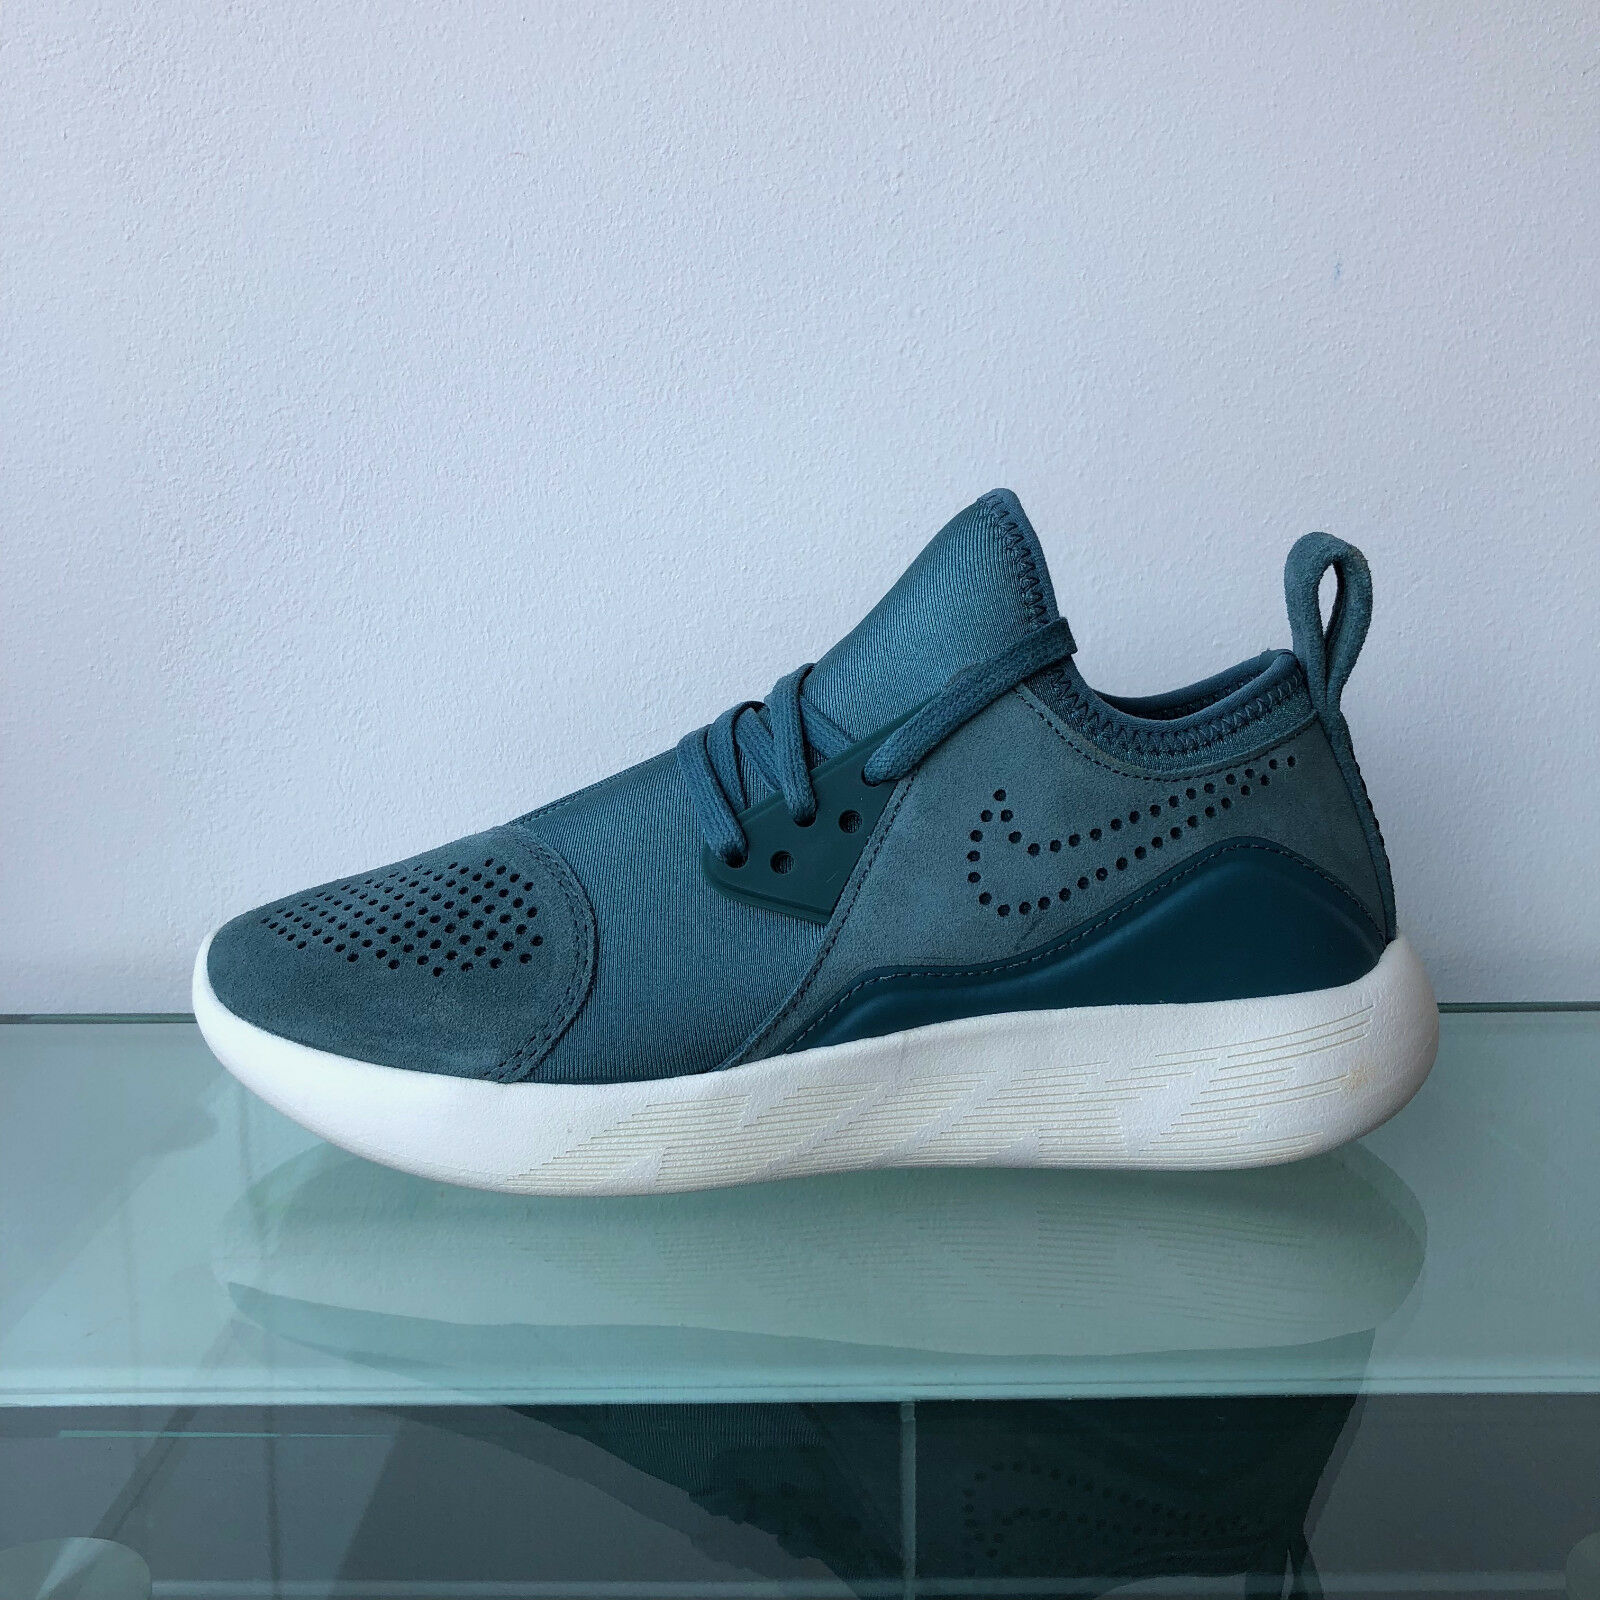 Nike lunarcharge zapatos zapatos zapatos zapatillas ocio Deporte verde mujer nuevo 923286 331 d35d2d